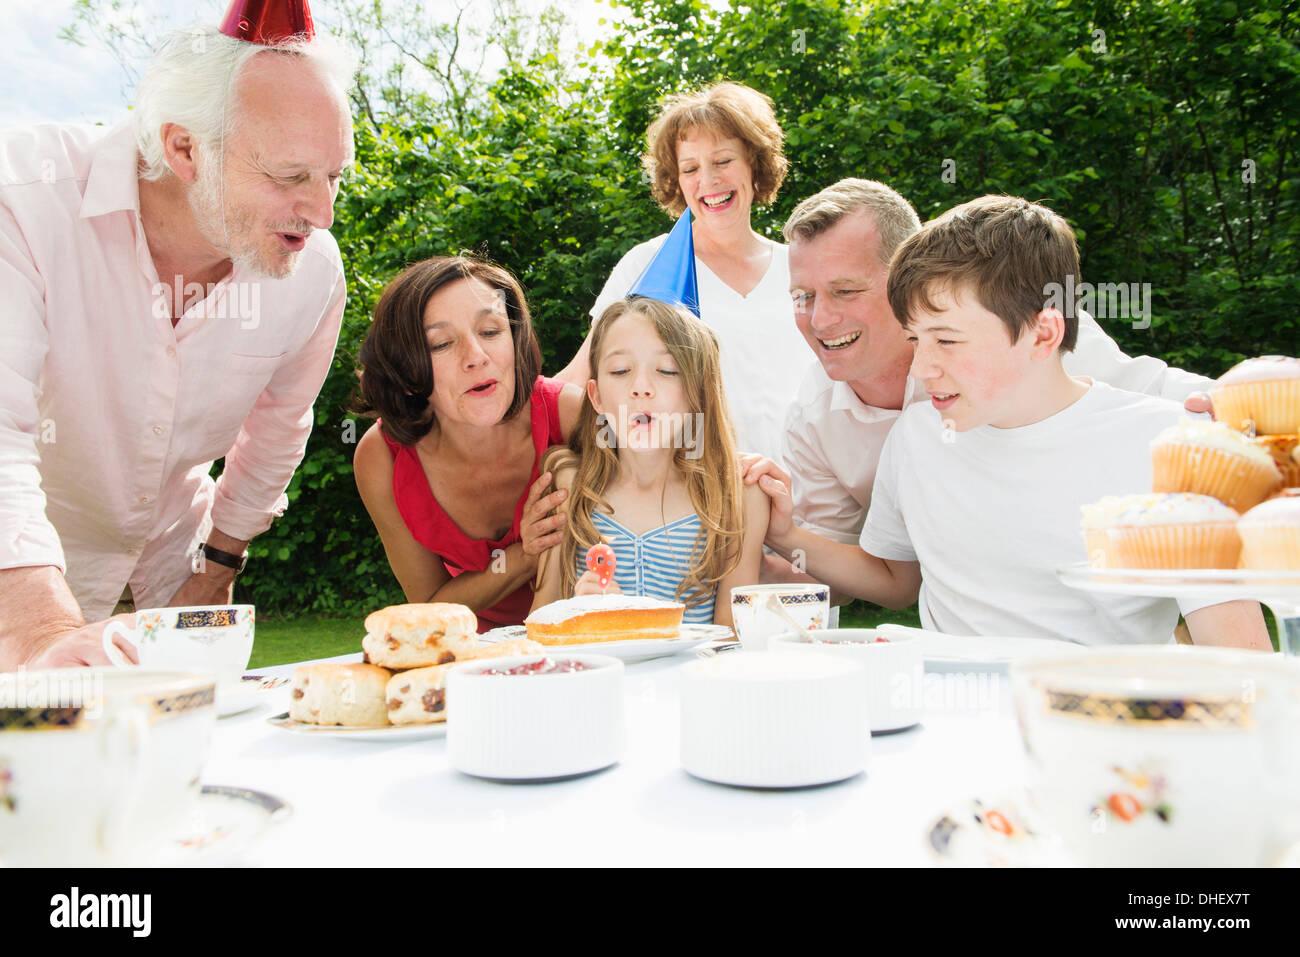 Célébrer l'anniversaire de la fille de la famille Photo Stock